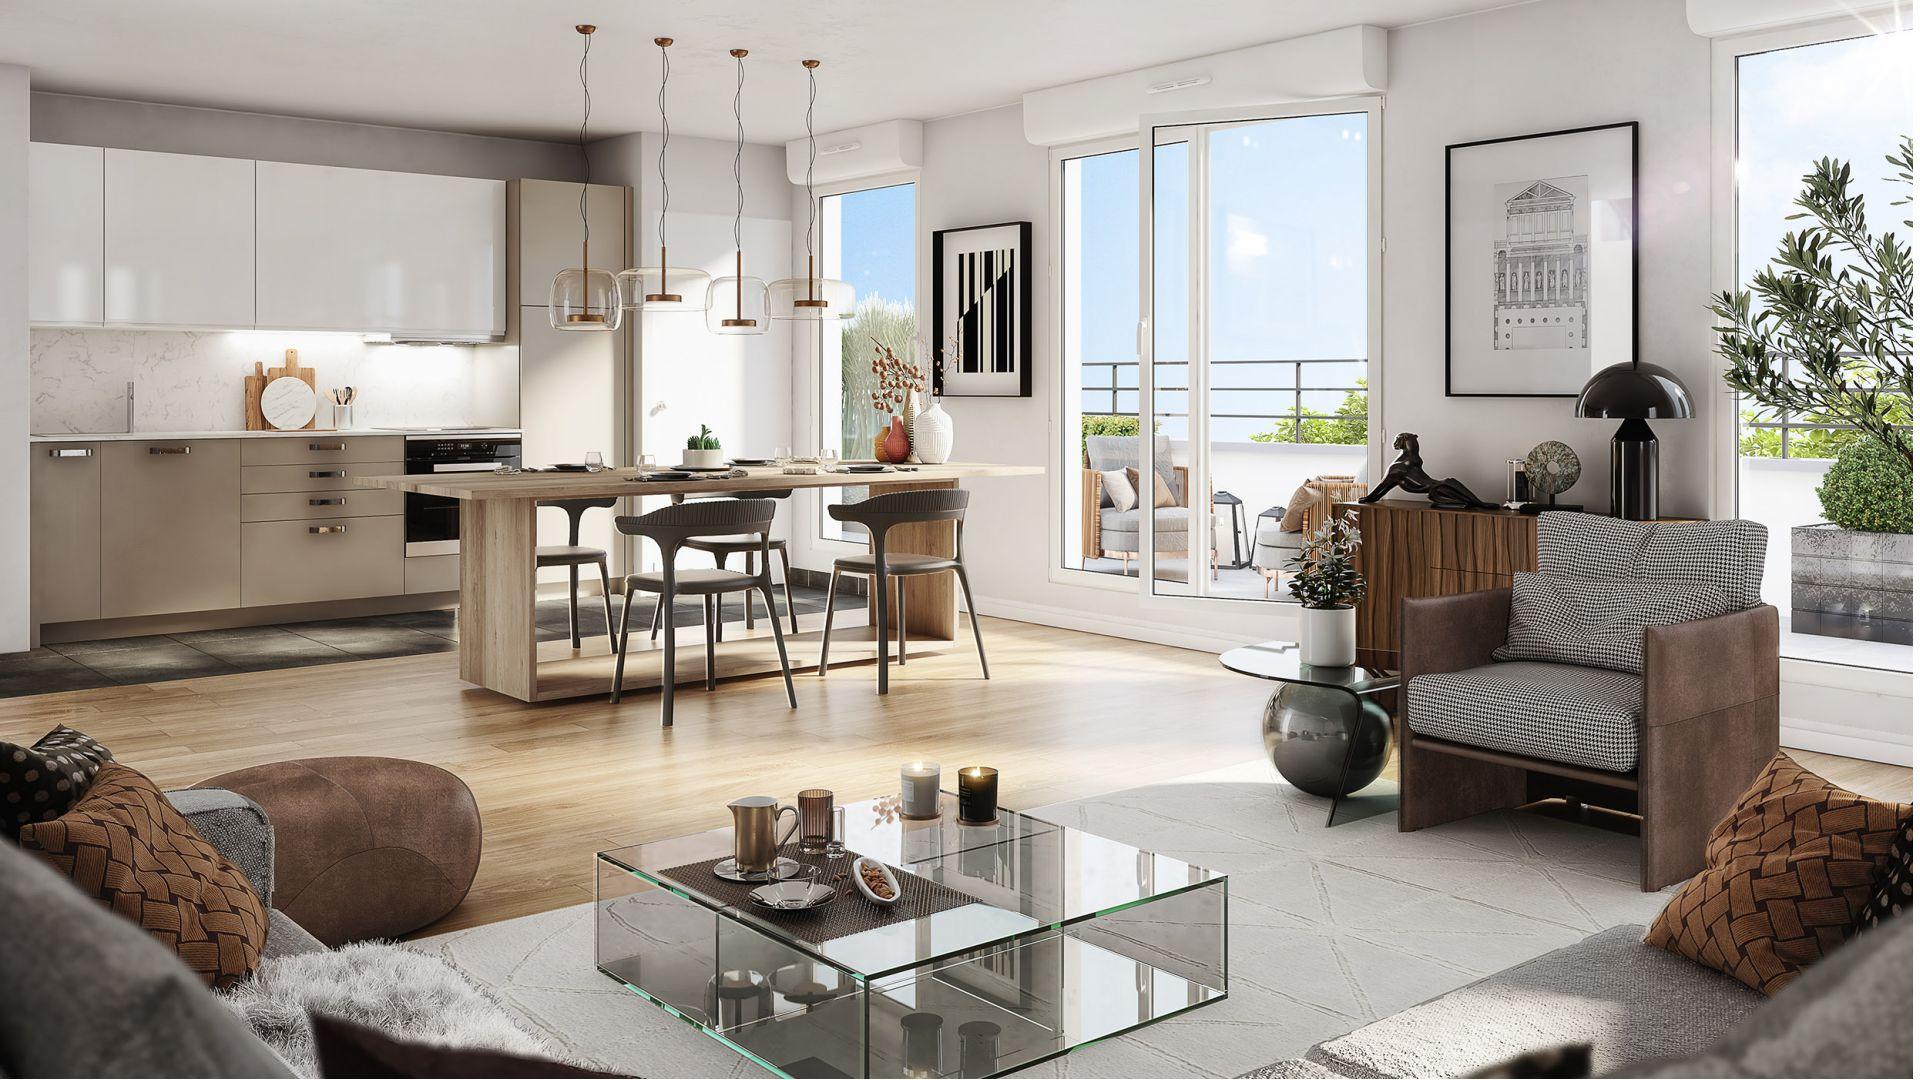 Greencity Immobilier - Résidence Le Régent - achat appartements du T1au T4 - Bagnolet 93170 - vue intérieure